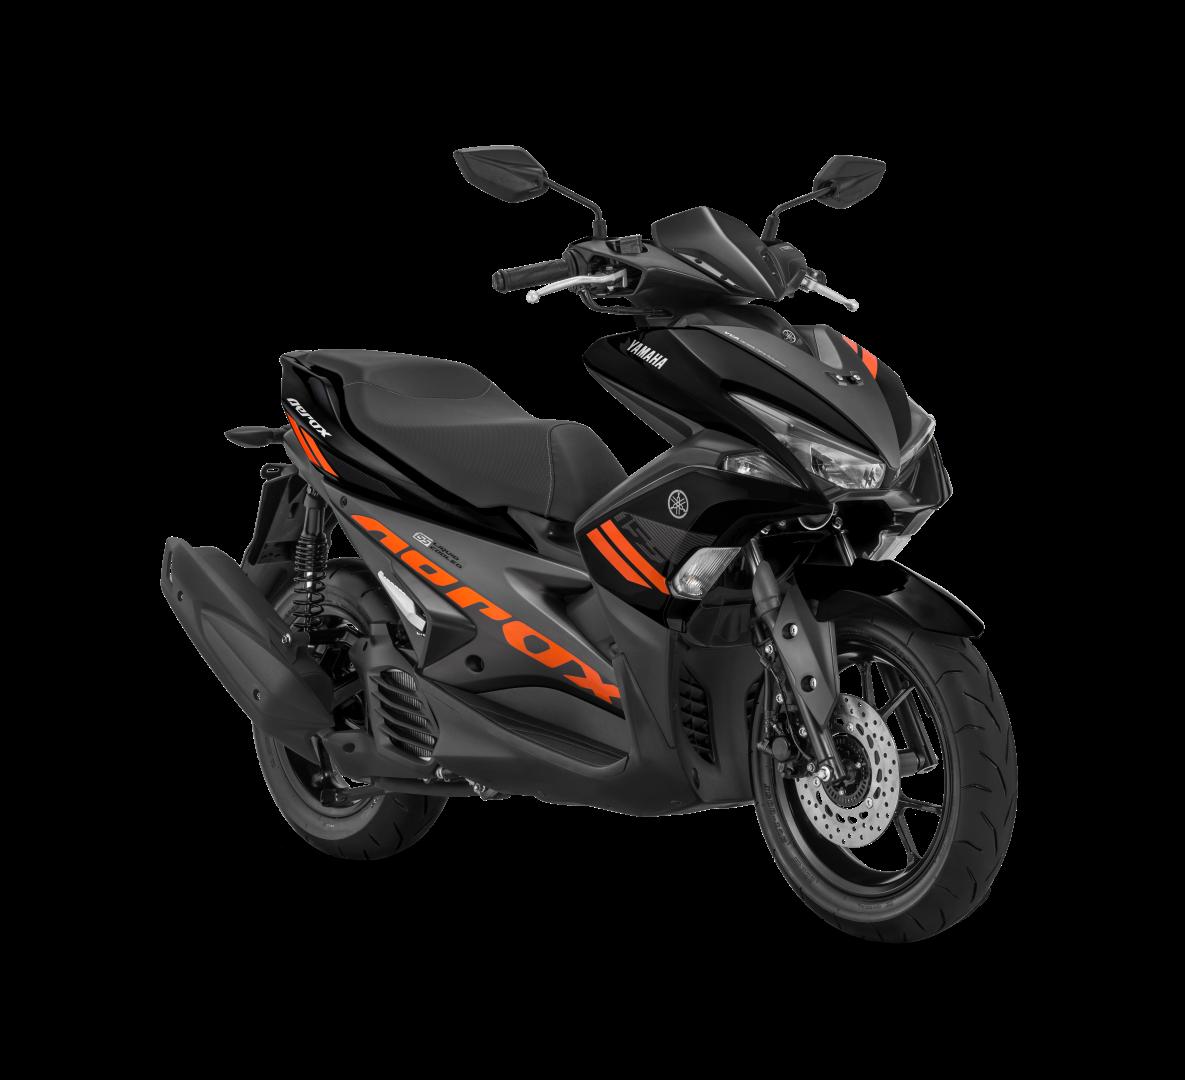 Yamaha Rilis Tampilan Baru Dua Varian Aerox 155VVA